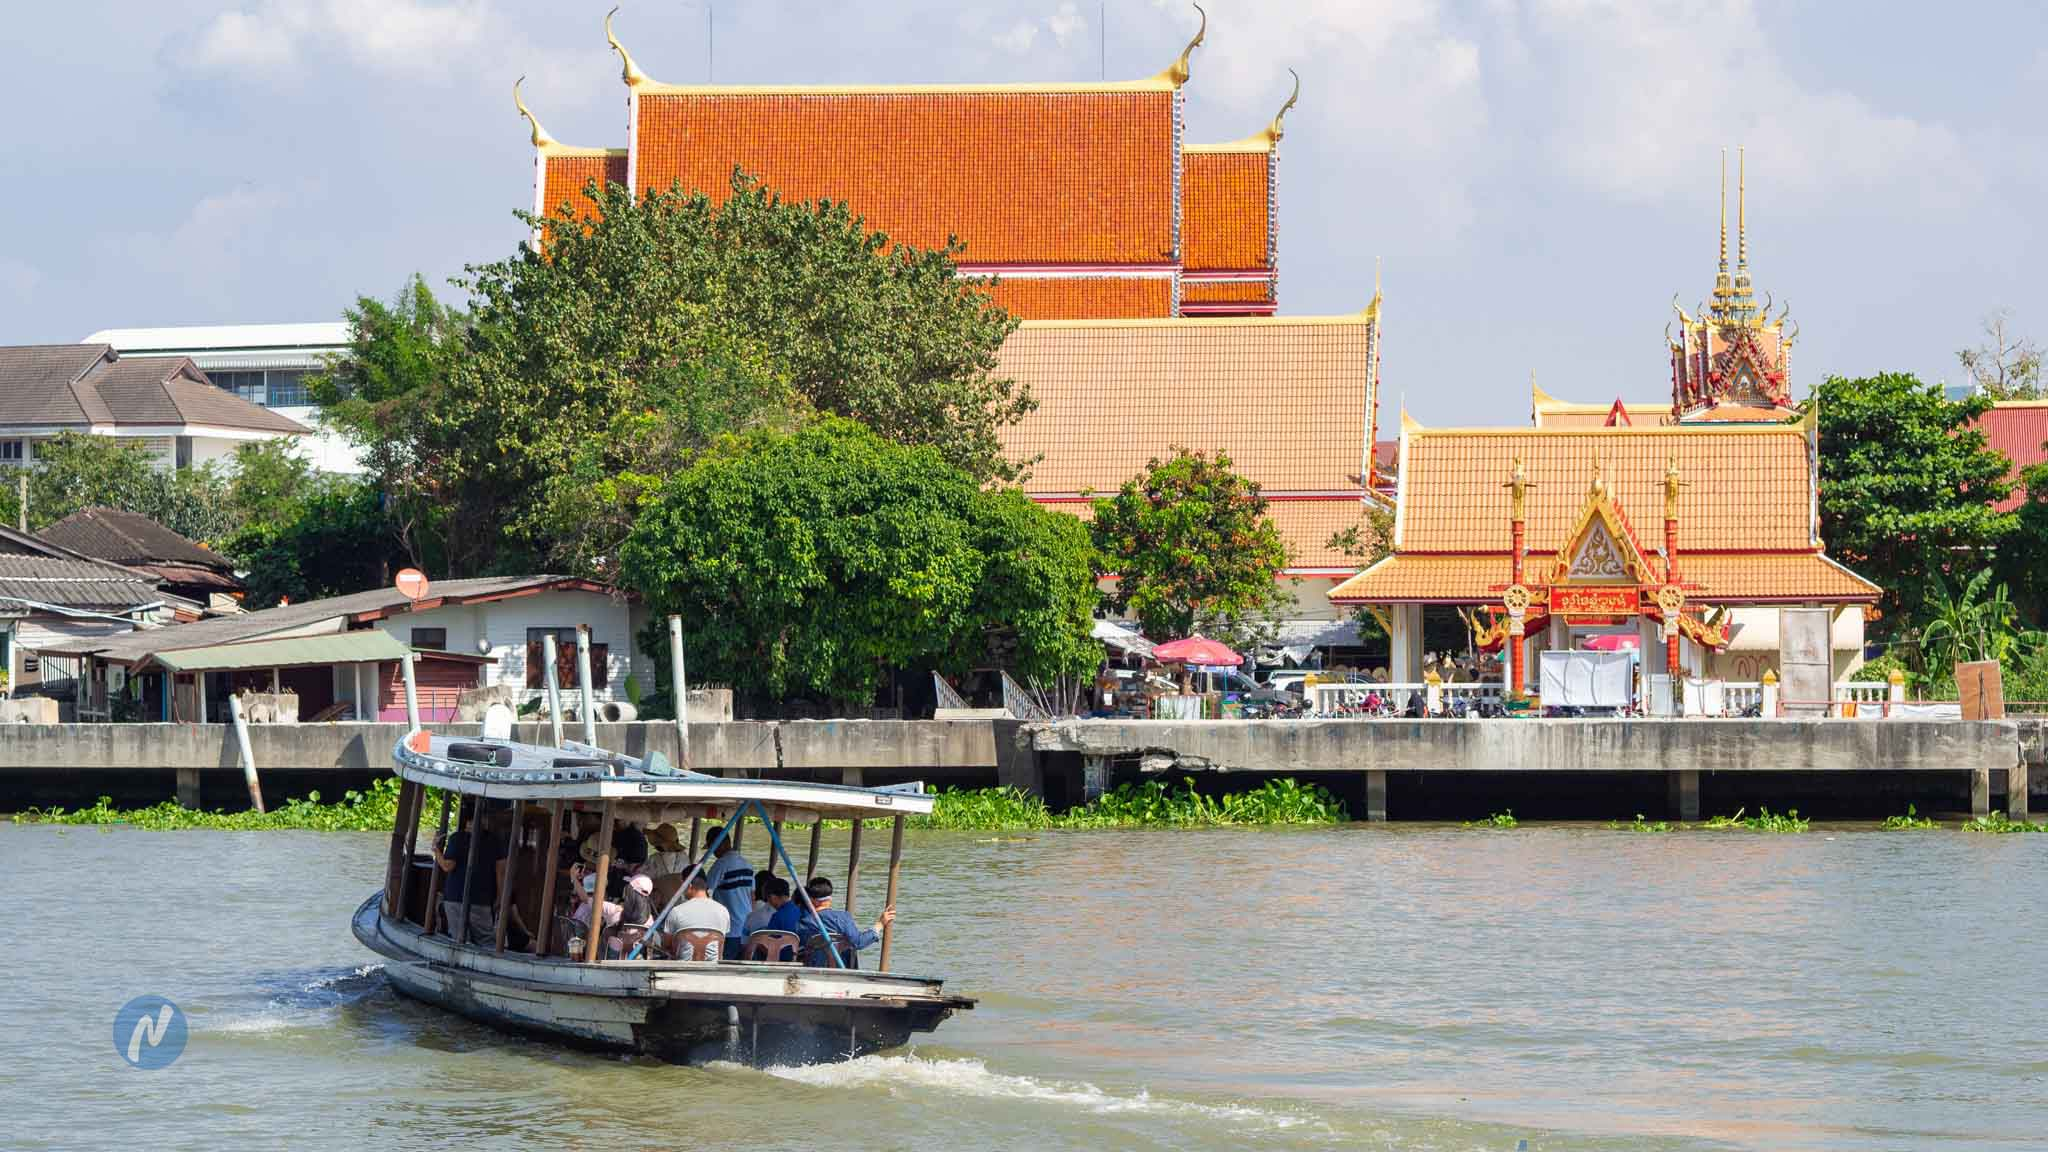 เที่ยวเกาะเกร็ด จ.นนทบุรี Koh Kret Travel by Khunnung.com